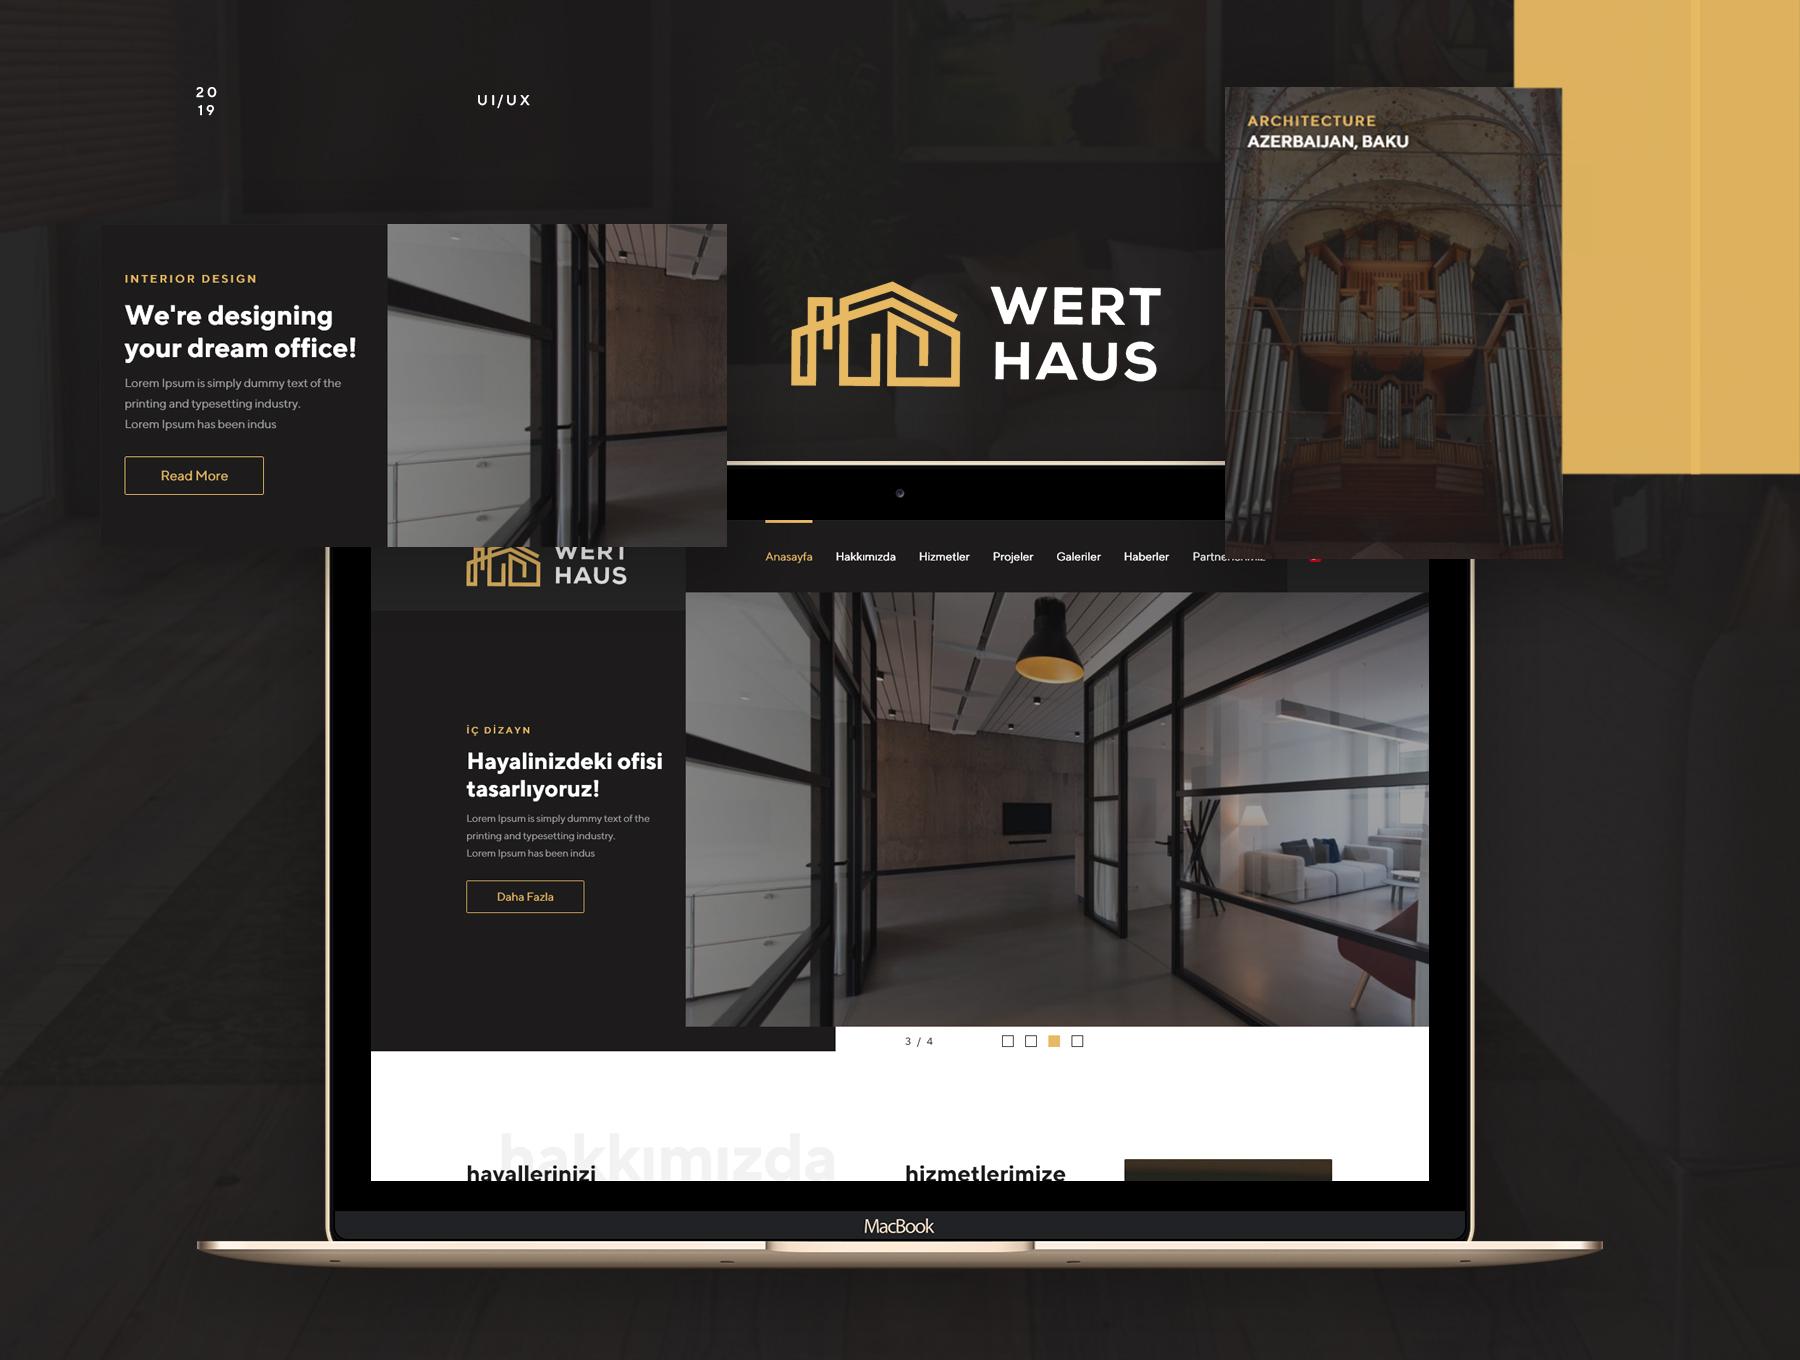 时尚简约建筑室内设计师电脑手机网站UI工具包  Werthaus Architecture UI Kit插图